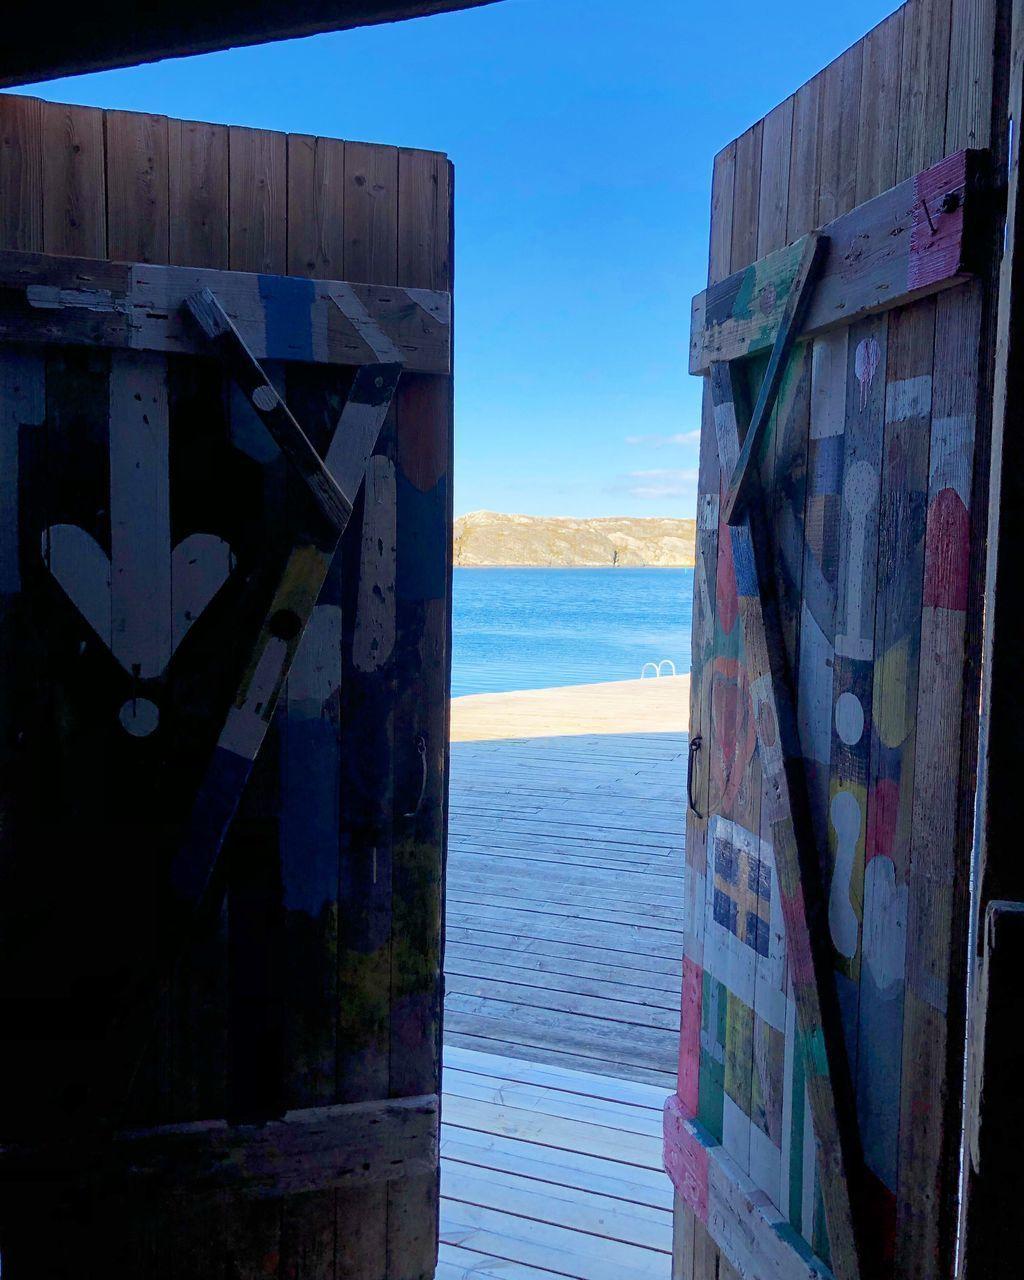 GRAFFITI ON BEACH AGAINST SKY